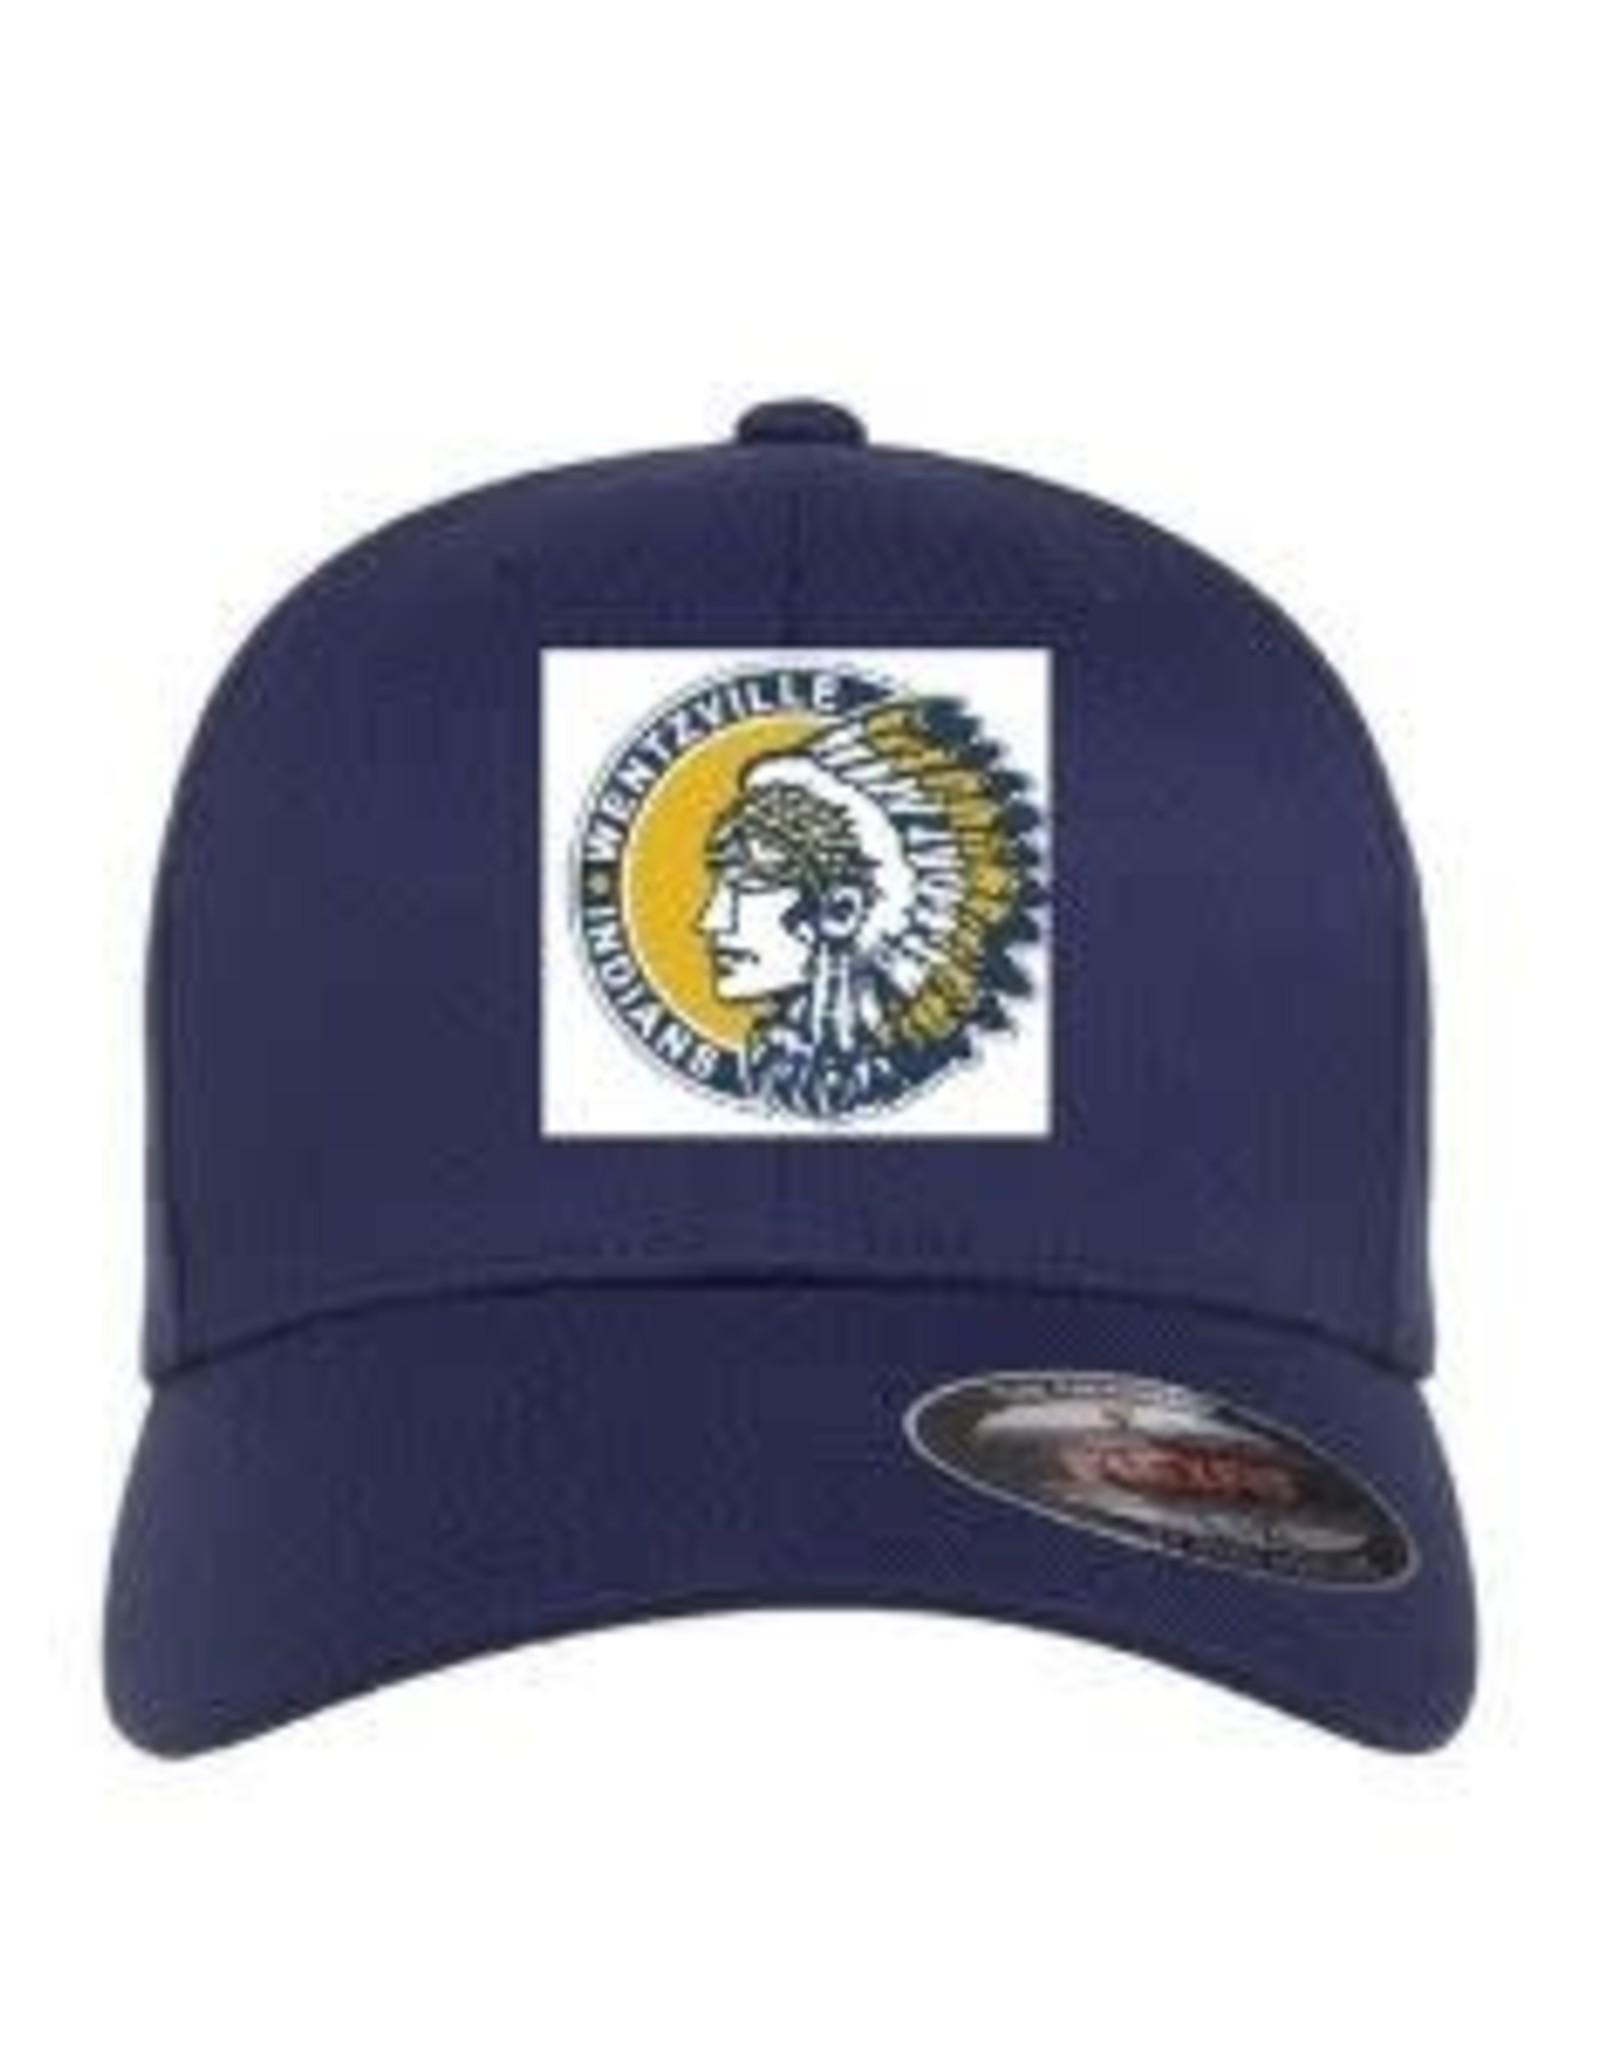 Flexfit Wentzville Holt Flexfit Hat (Navy) SM-MD